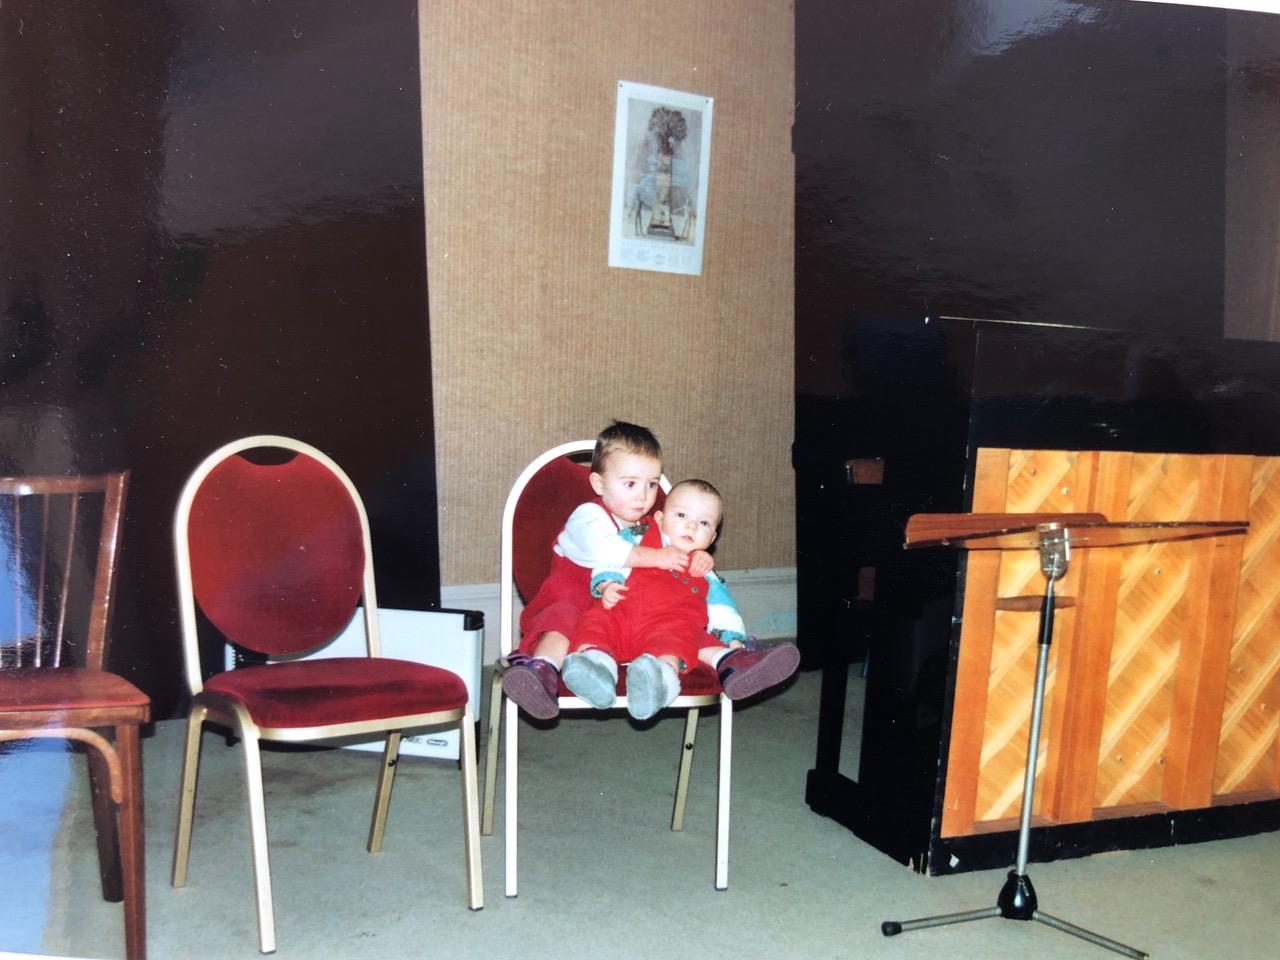 Abendprobe an der Operade Lyon, mein kleiner Bruder und ich, 1993